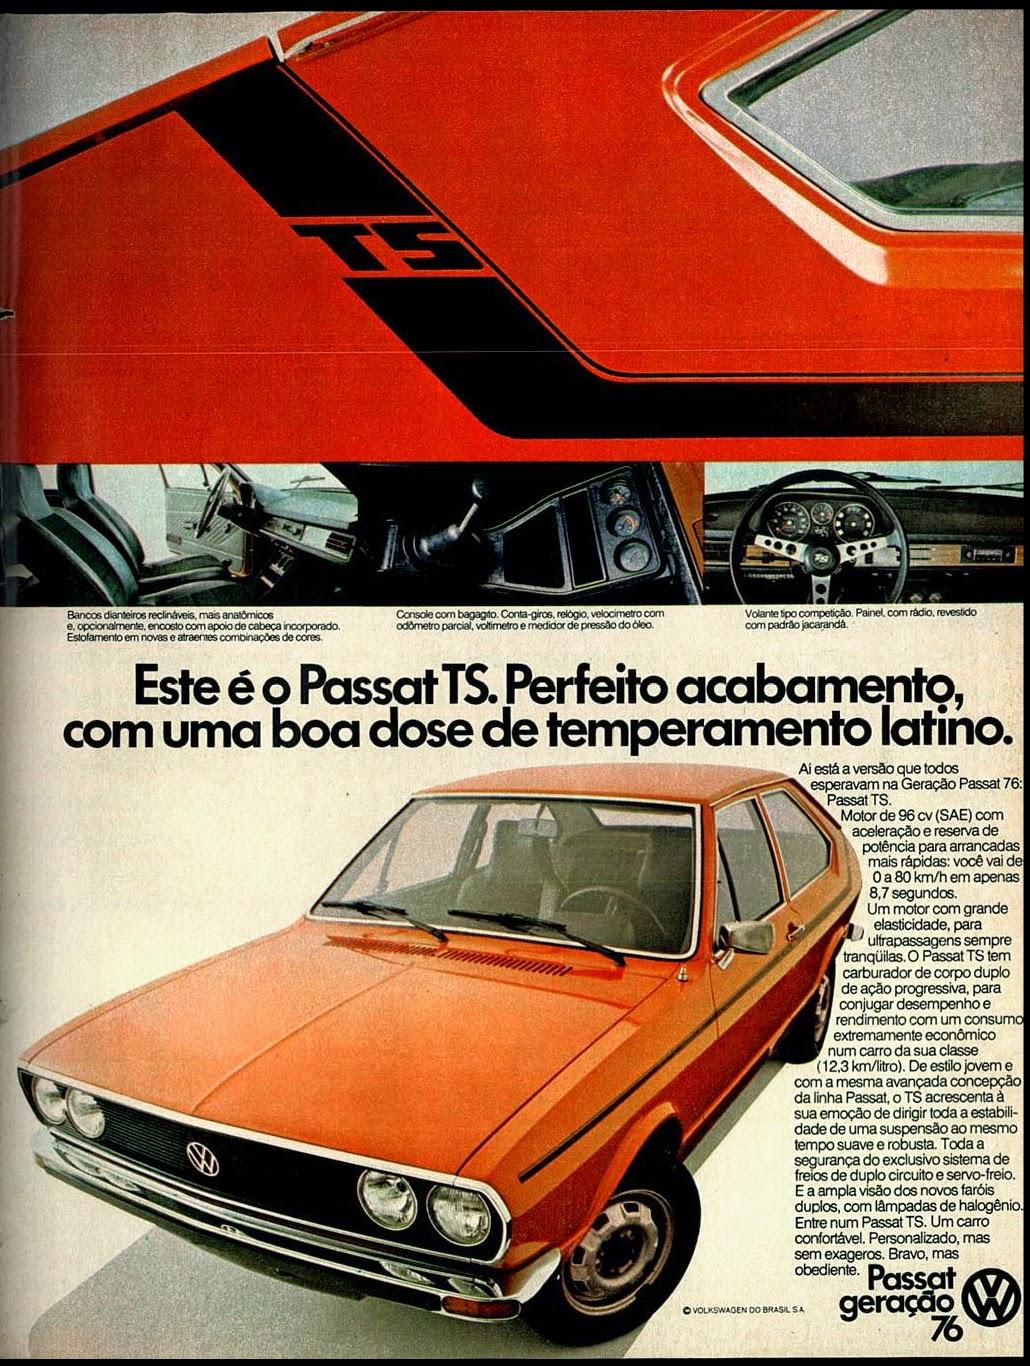 Volkswagen Passat.   brazilian advertising cars in the 70. os anos 70. história da década de 70; Brazil in the 70s; propaganda carros anos 70; Oswaldo Hernandez;